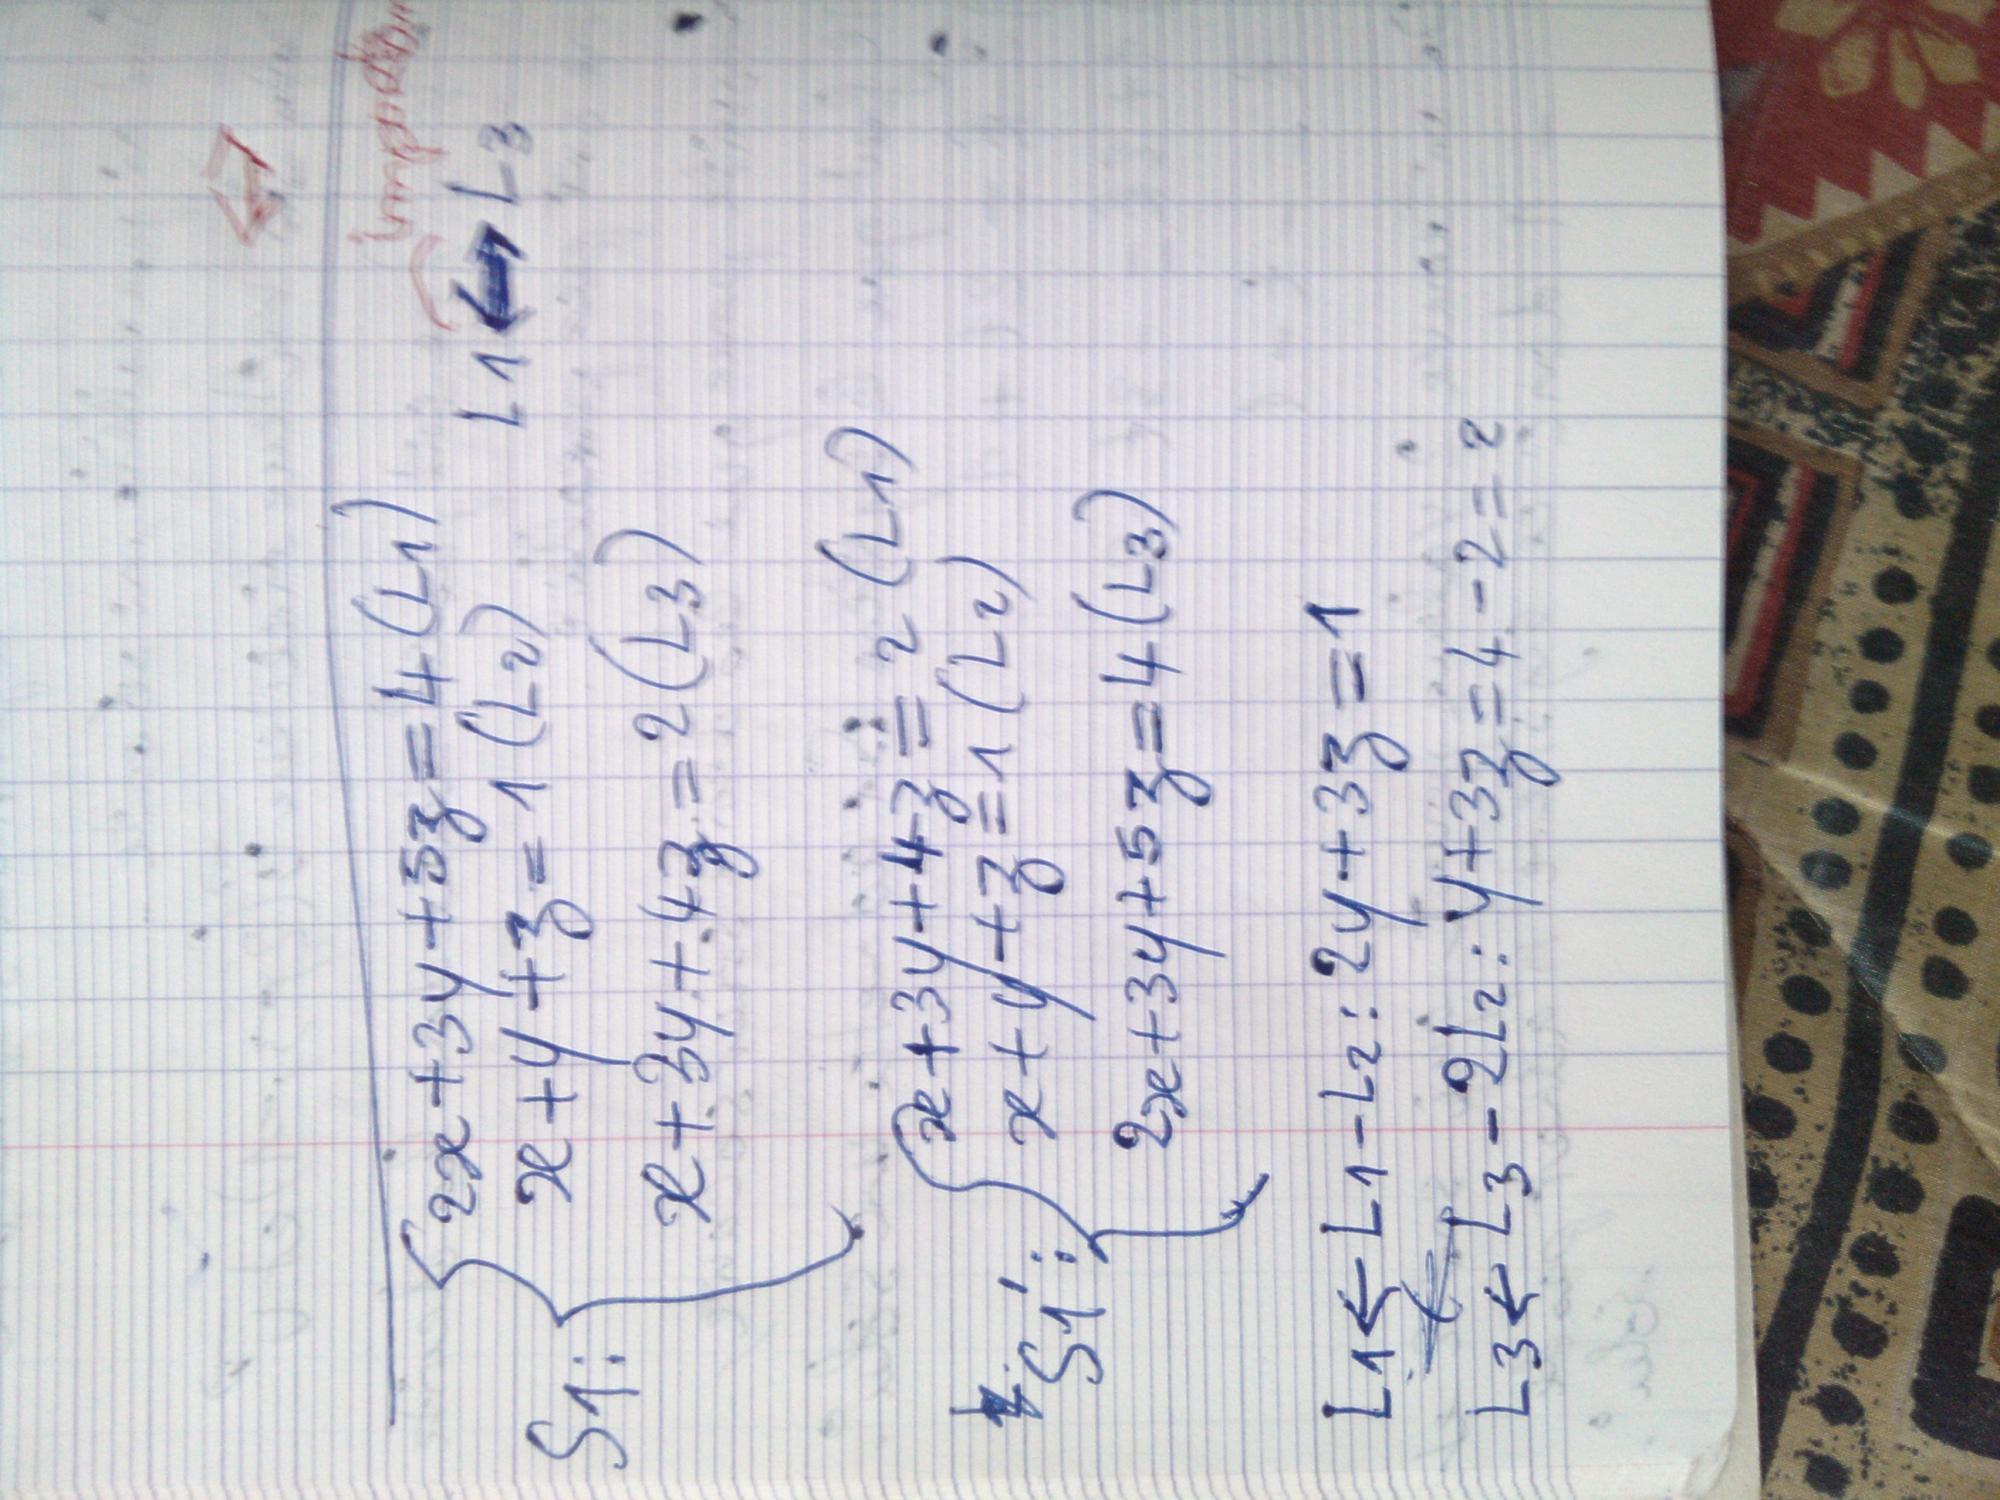 Pivot de gauss réussi 230083d1381249598-gauss-preparation-dun-devoir-futura-2-